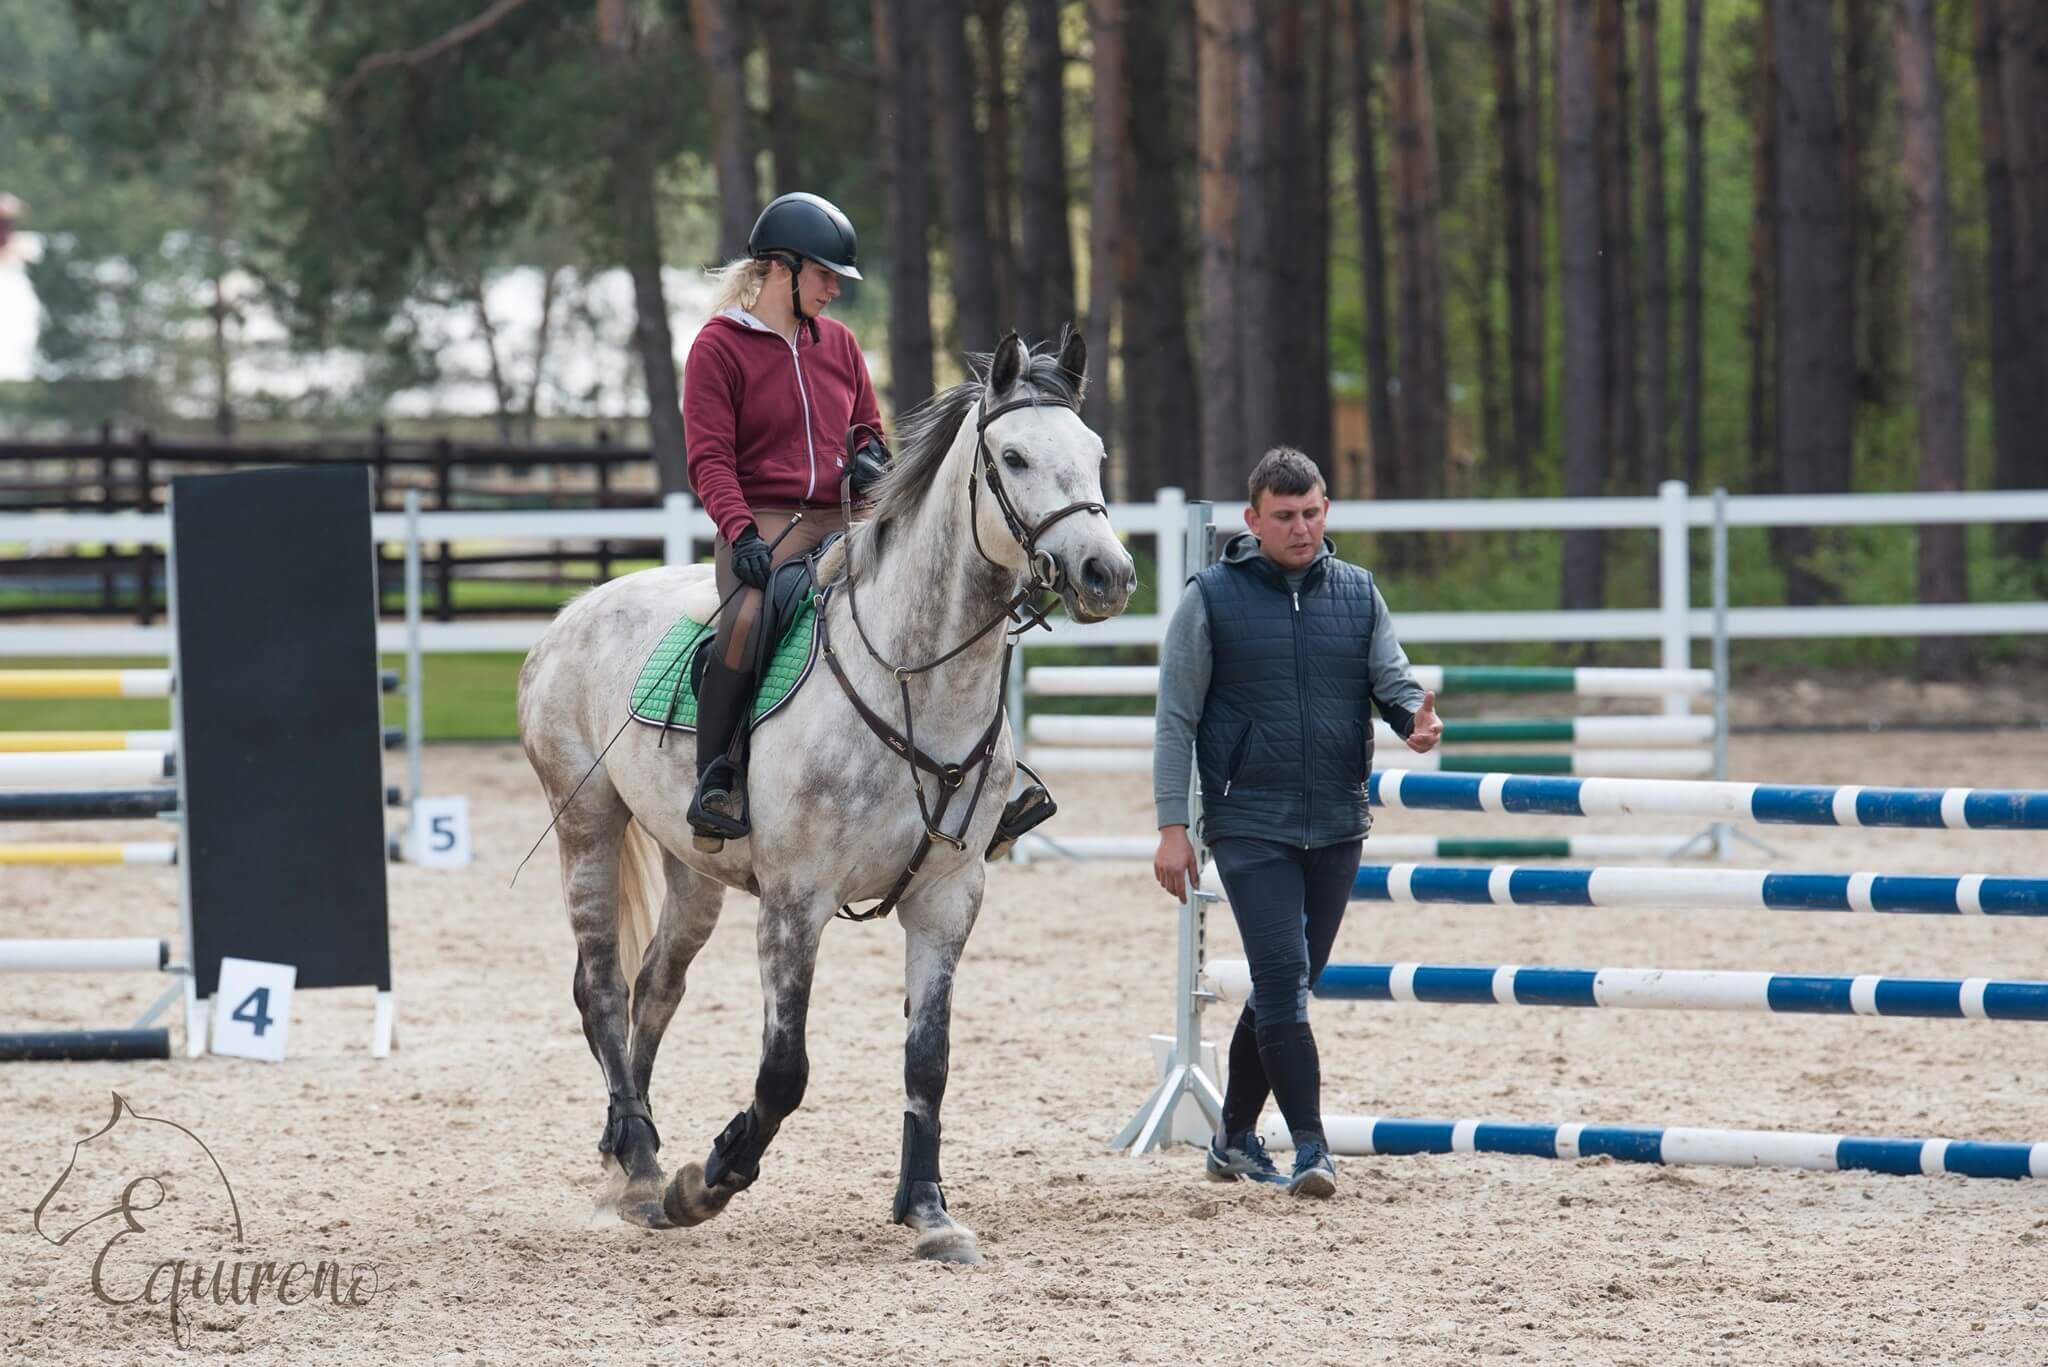 equireno szkółka jeździecka zdjecie